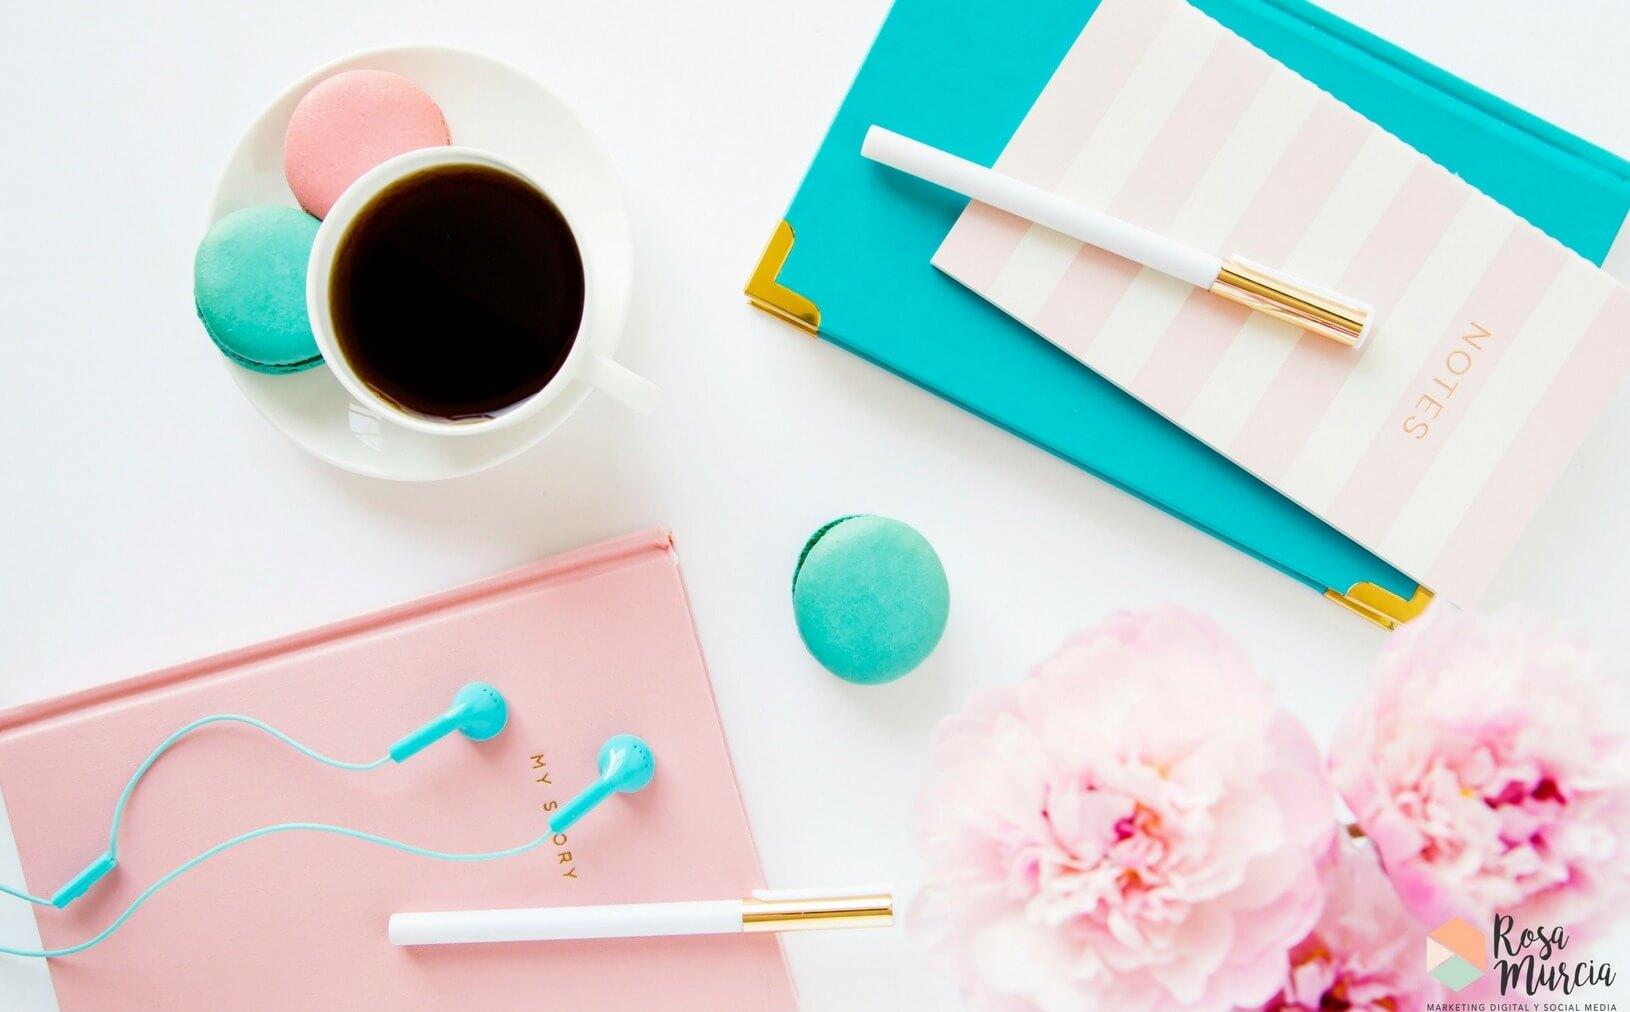 Artículo de marca personal y estilo en los tableros de Pinterest